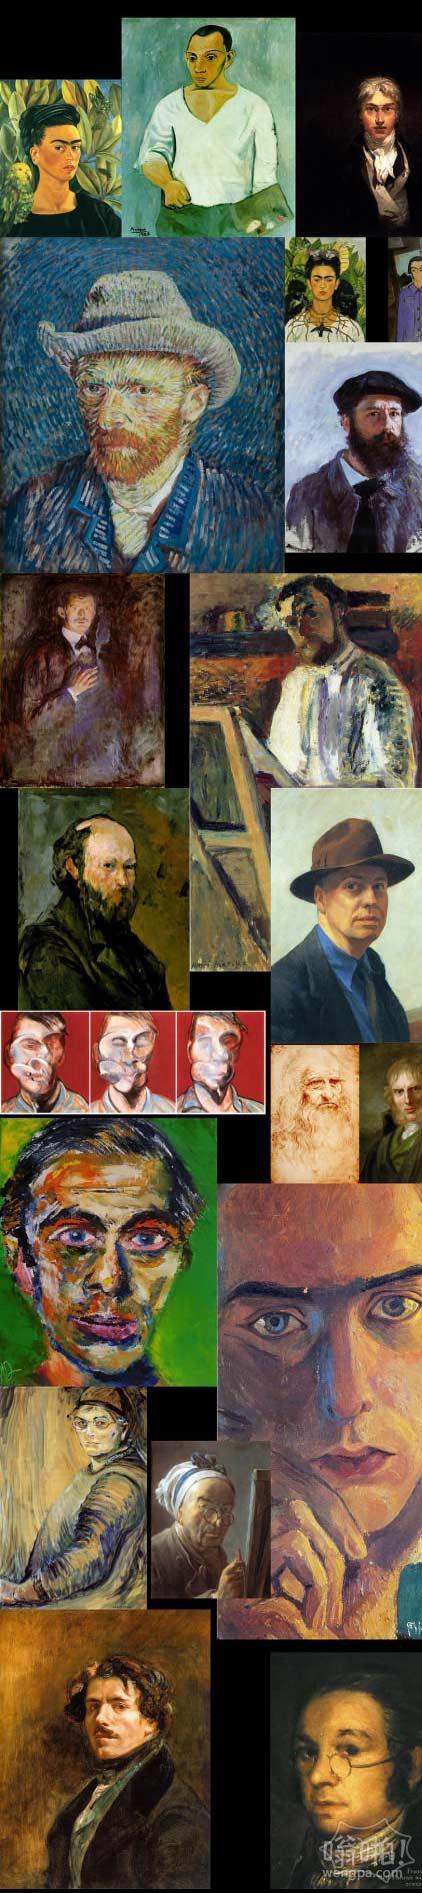 绘画自拍:艺术史课的思考